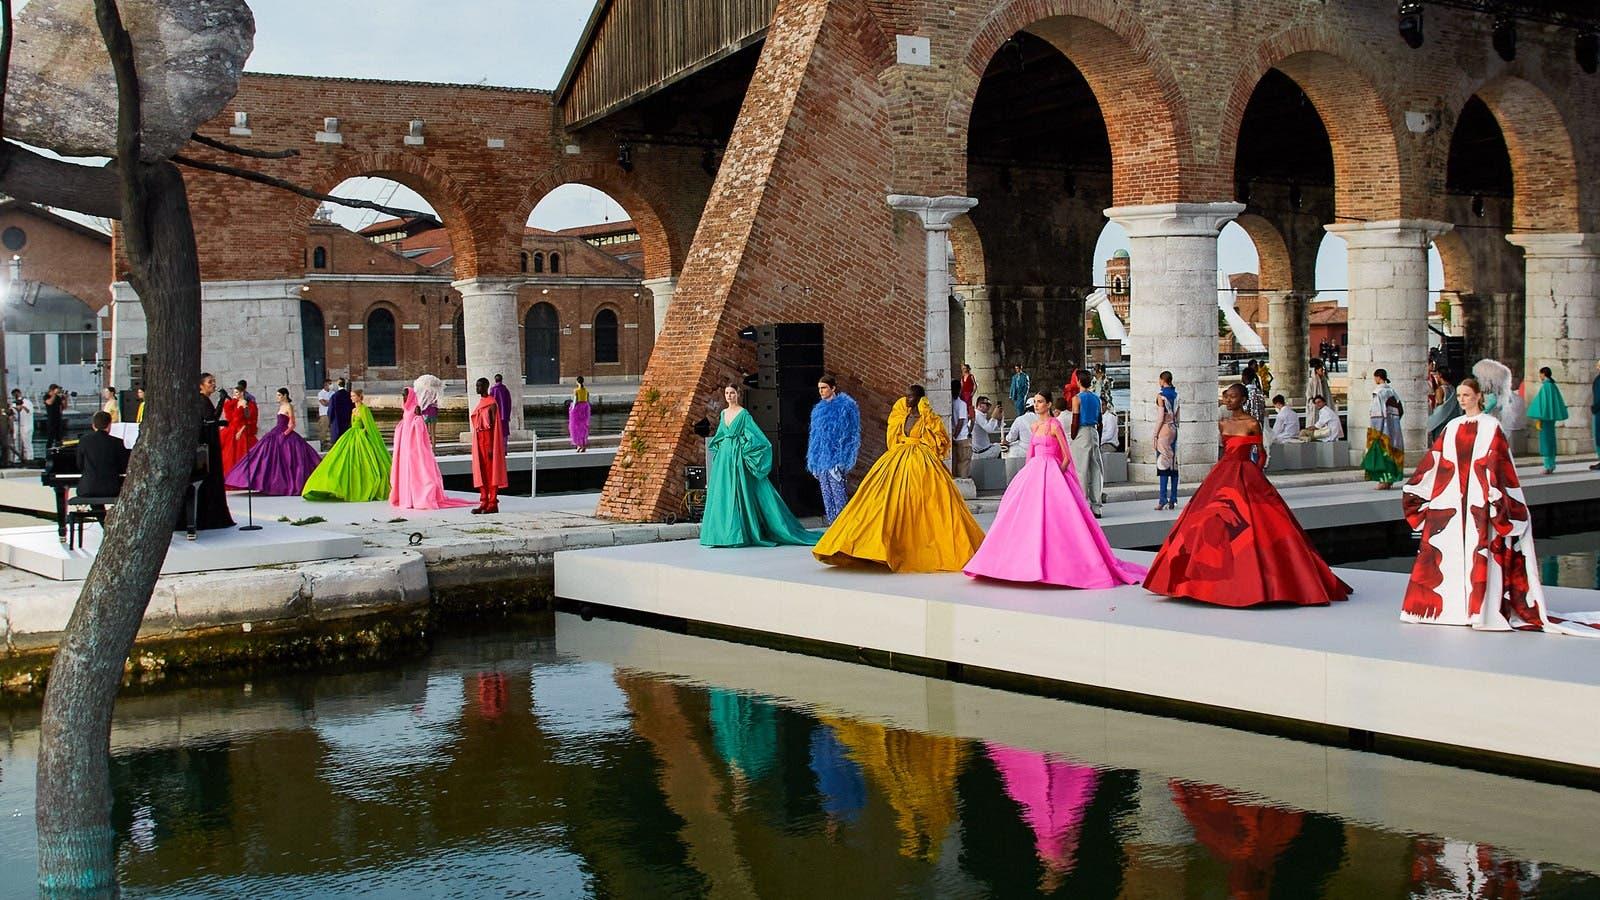 من عرض فالنتينو للأزياء الراقية الخاصة بخريف2021